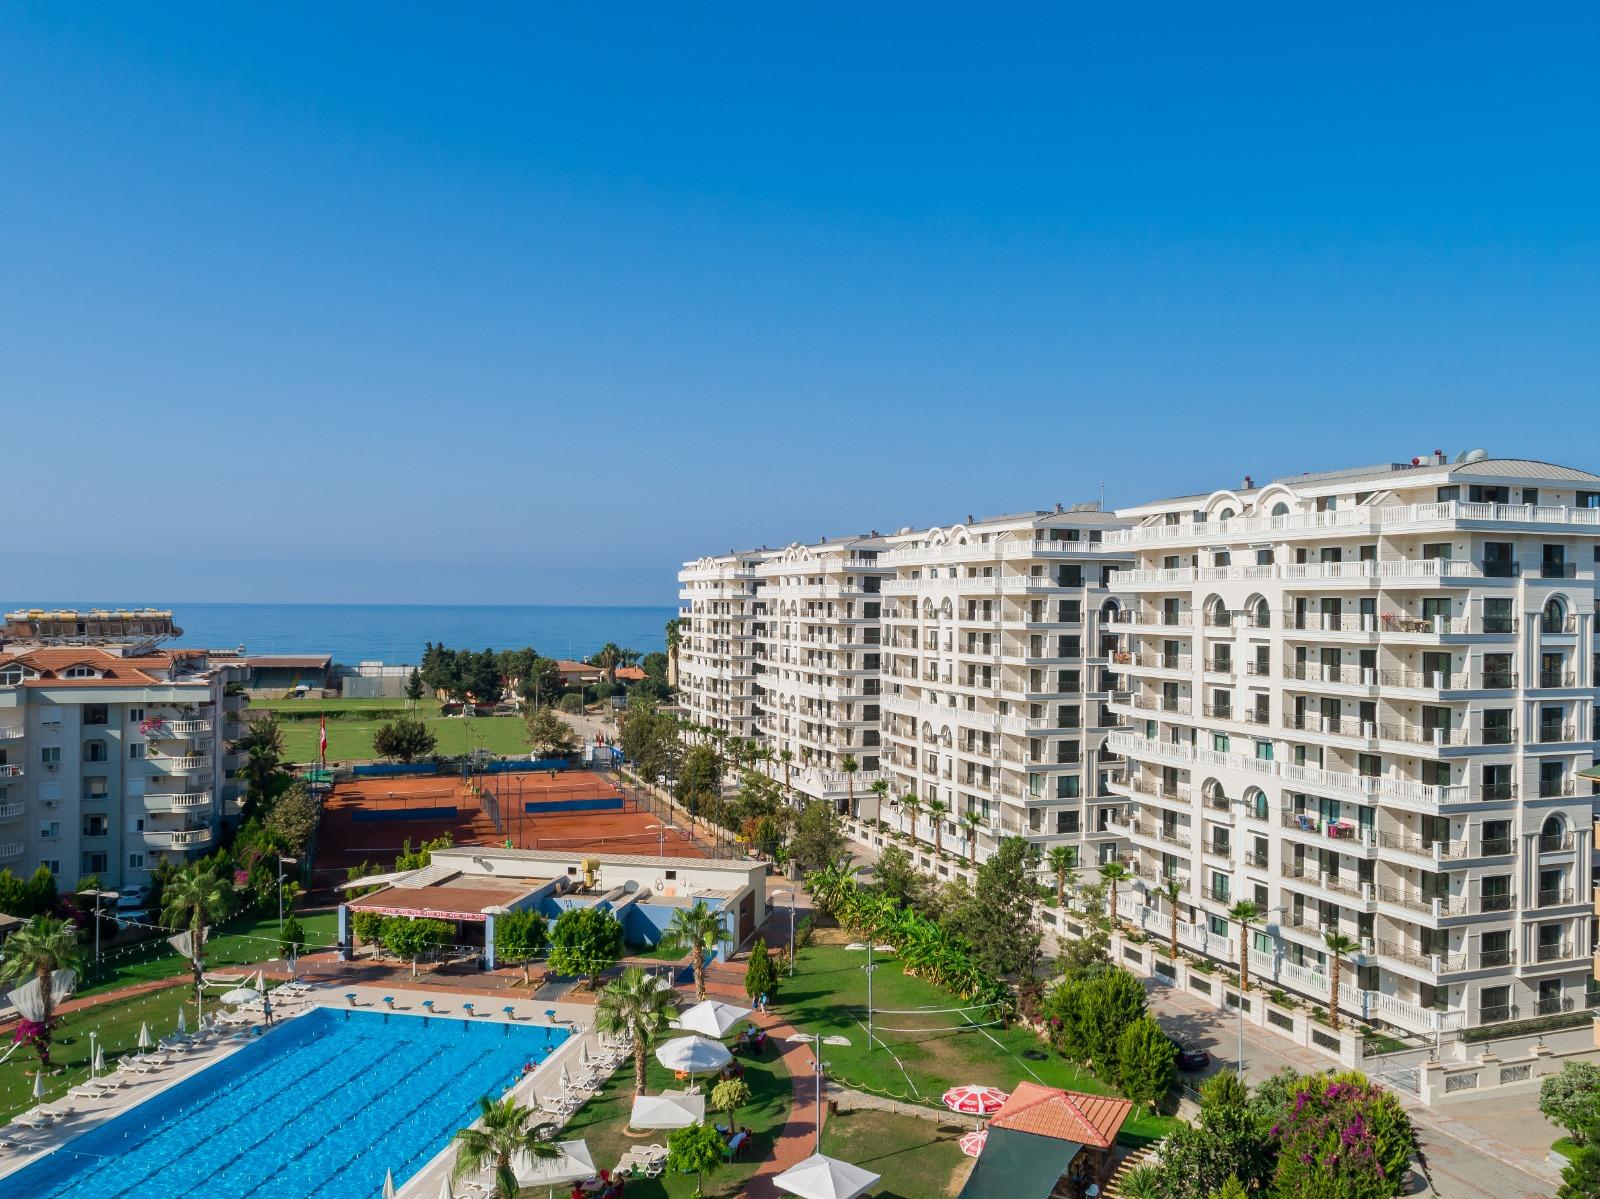 Alanya Towers — новый комплекс апартаментов класса люкс в курортном городе Алания, в 150 м от моря и пляжа.